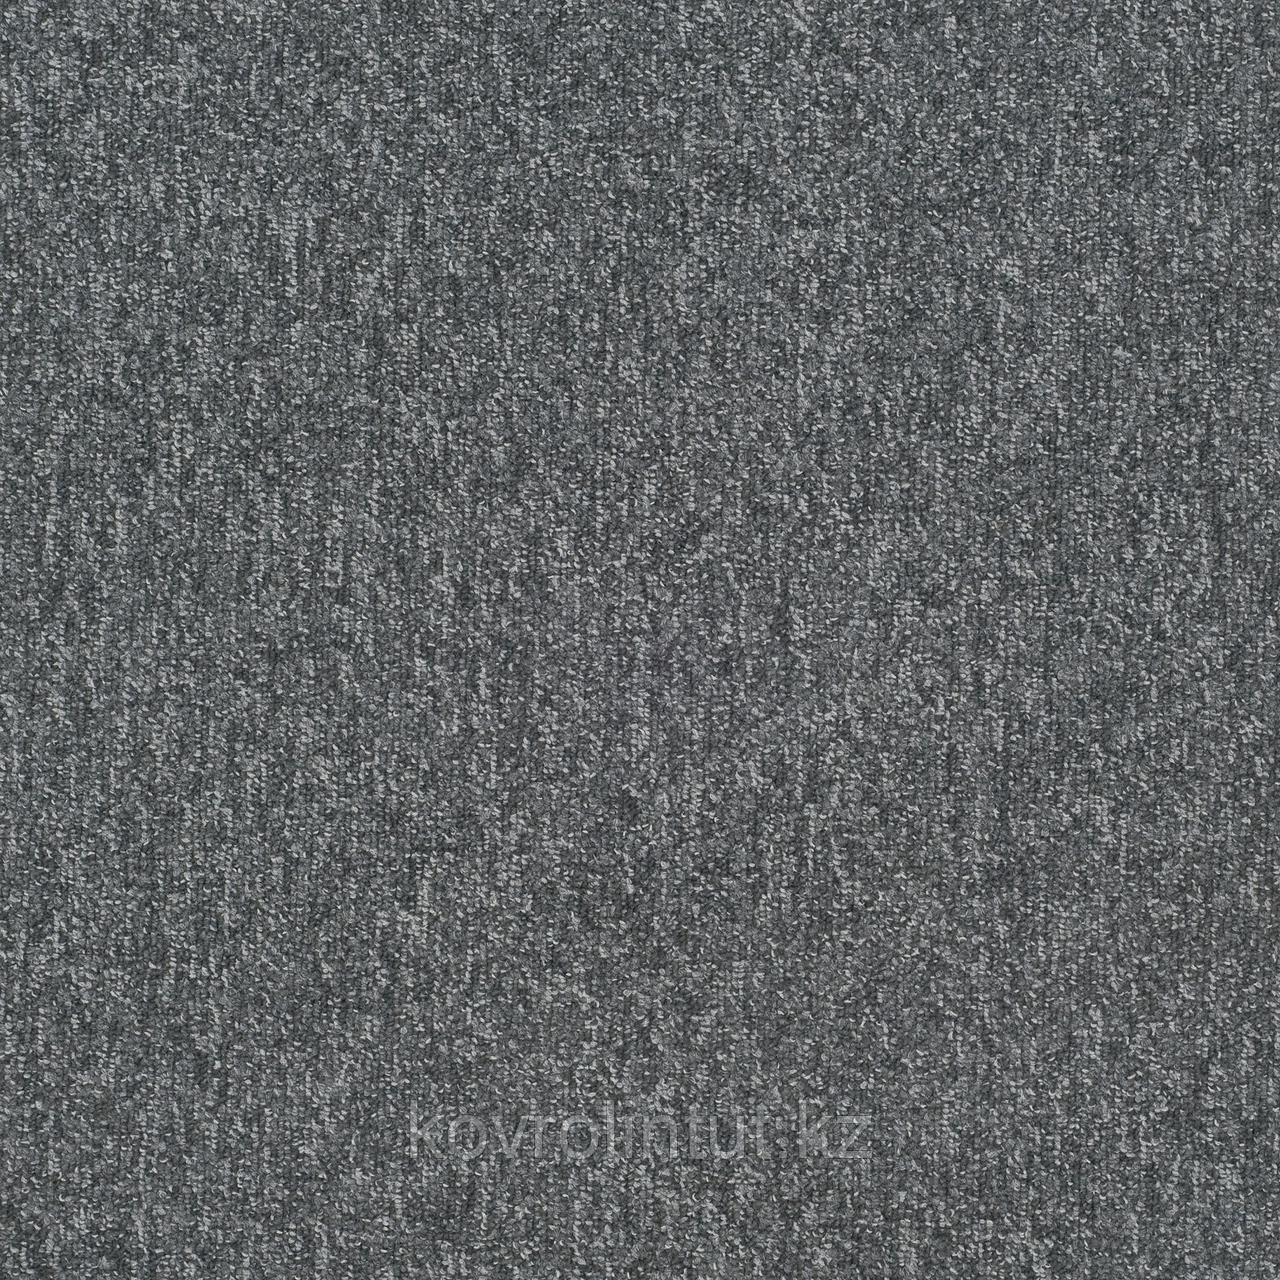 Ковровая плитка с КМ2 Galaxy Light Таркетт (Tarkett) 34686